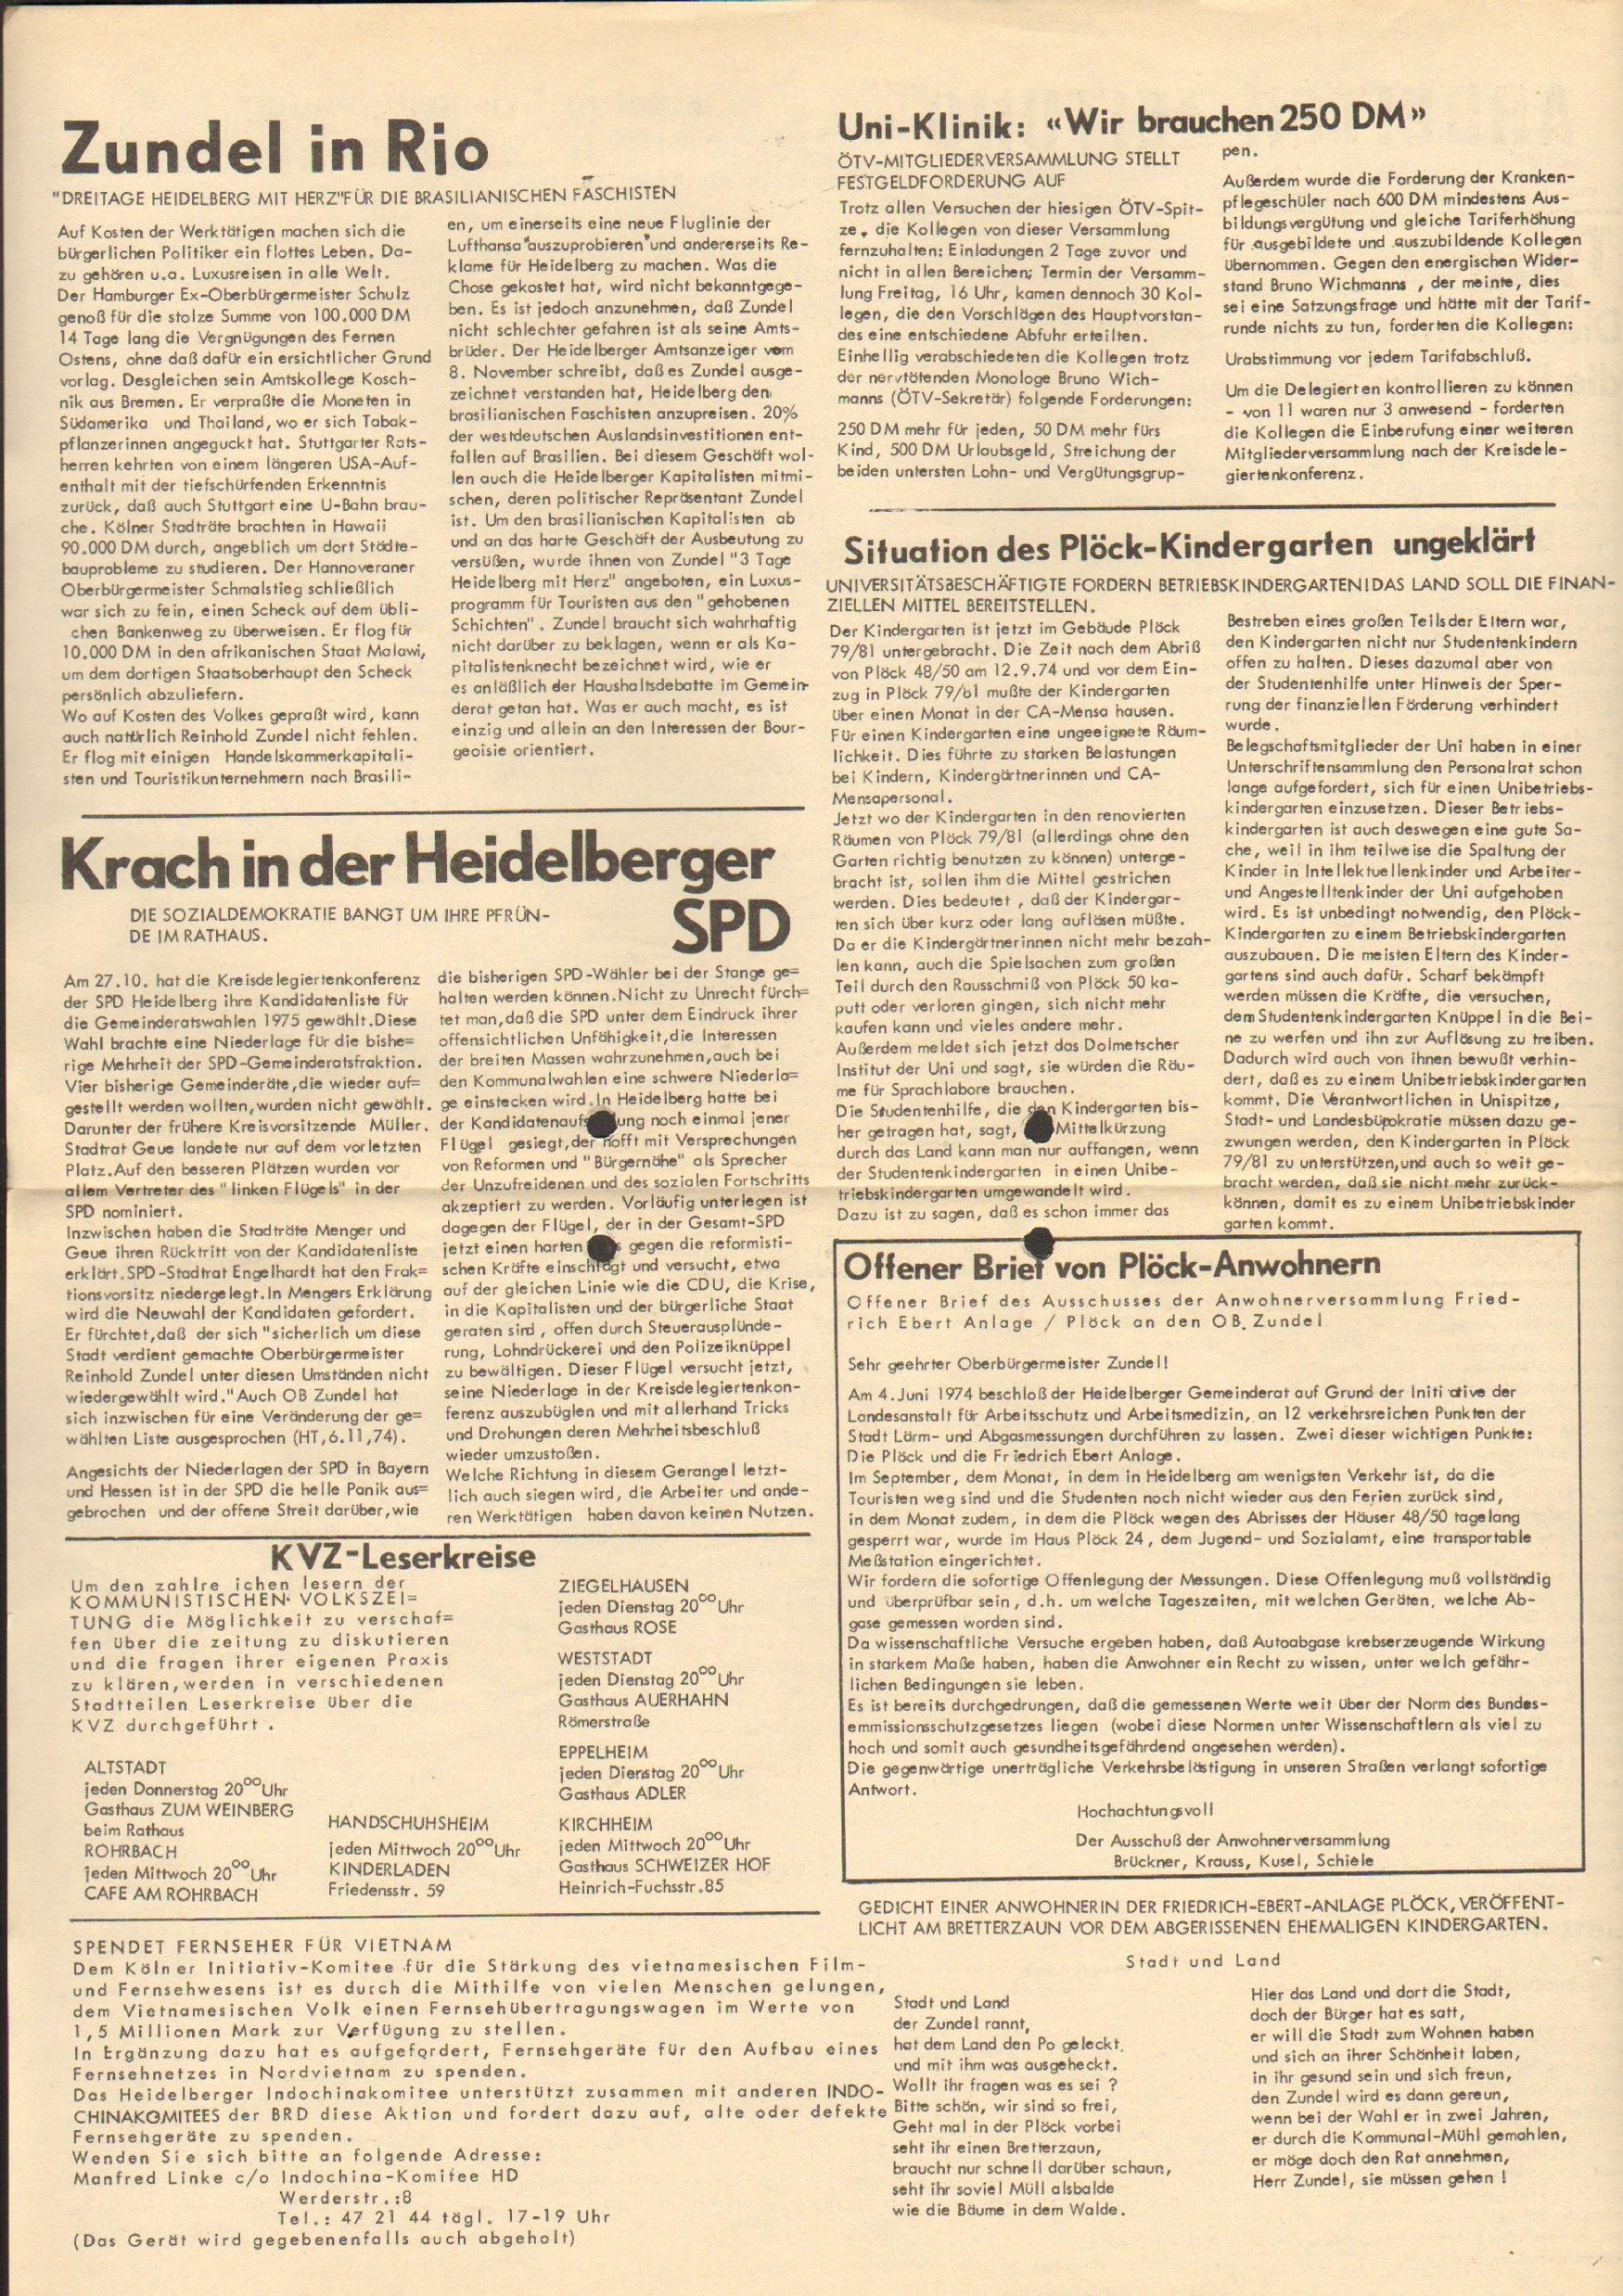 Heidelberg_KBW_AZ096